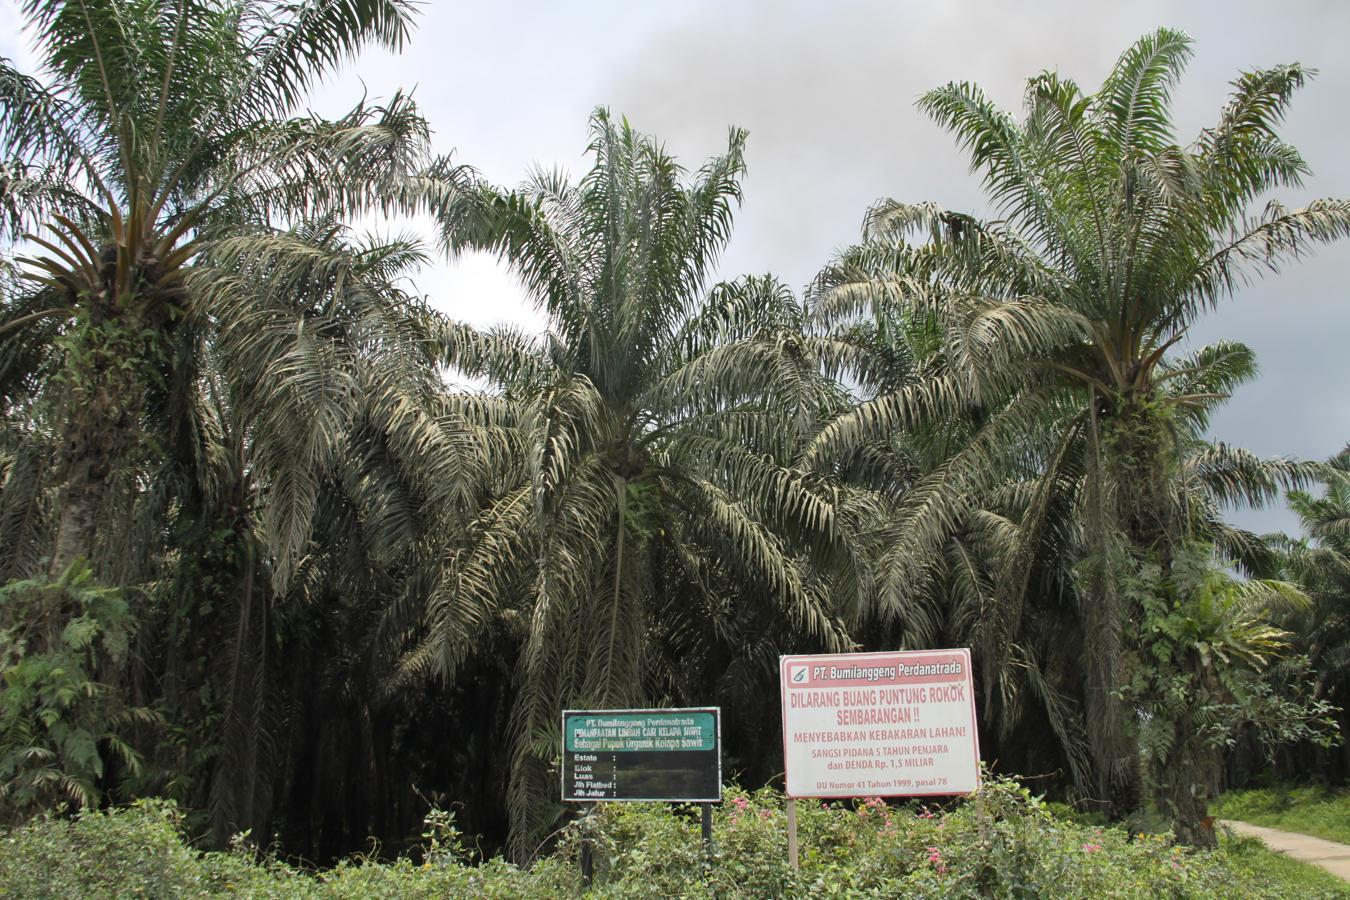 Con sus plantaciones en las islas de Borneo y Sumatra, Indonesia copa la mitad de los más de 60 millones de toneladas de aceite de palma que se producen en todo el mundo.